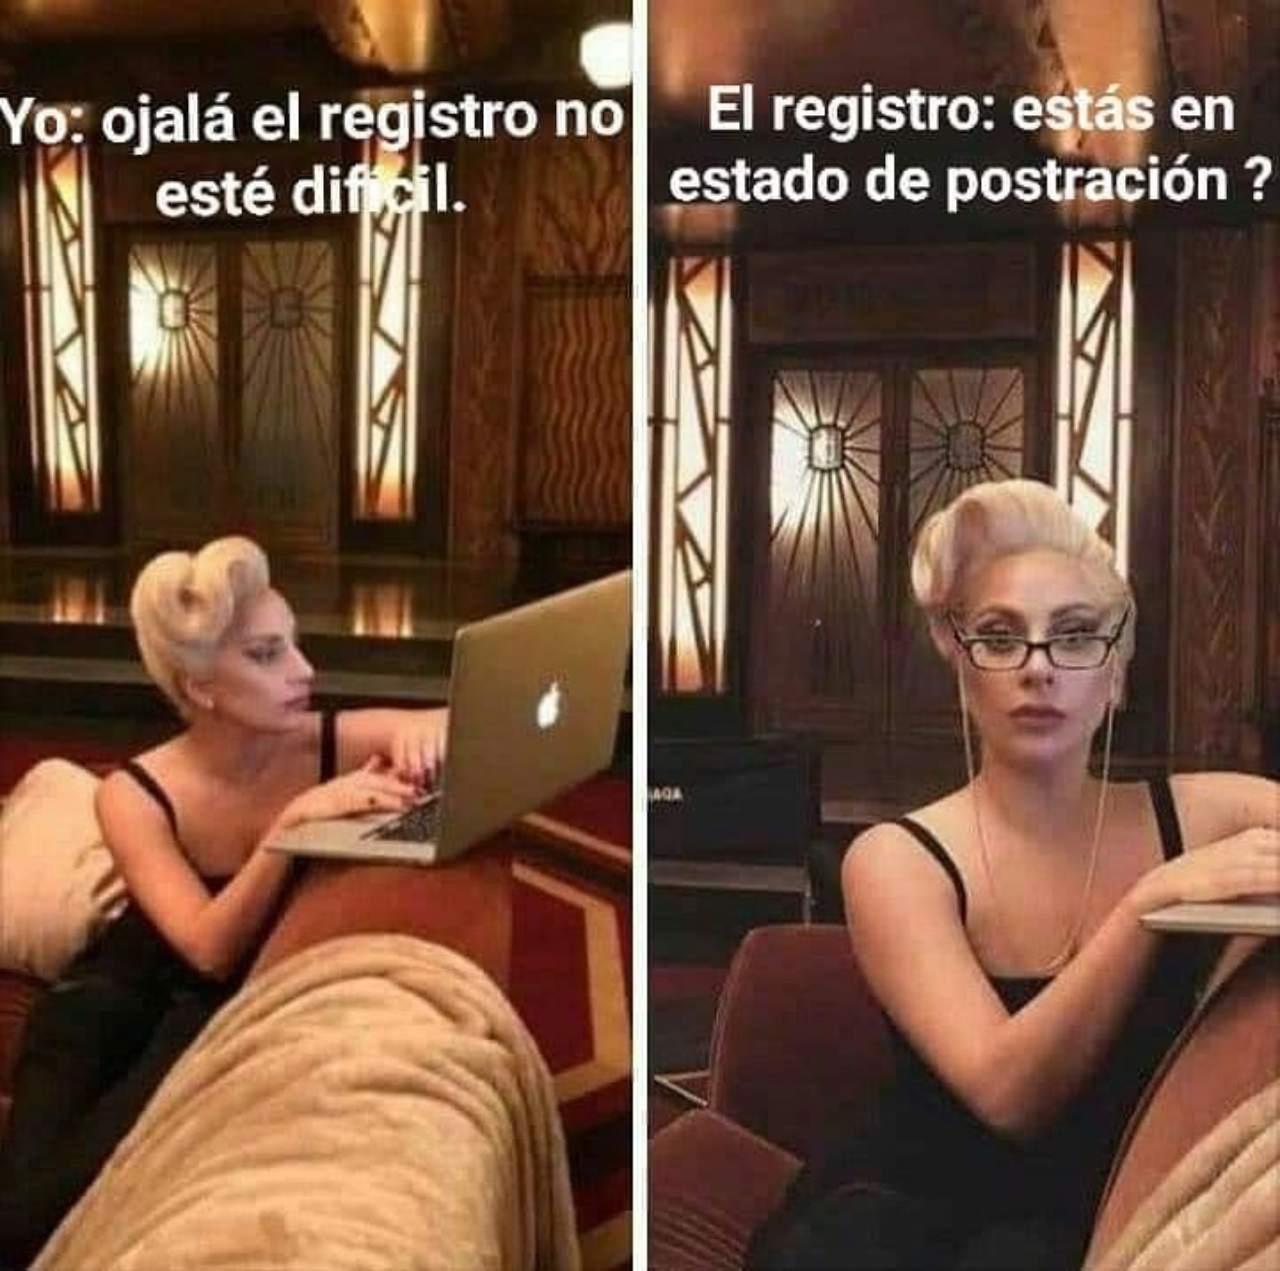 Meme Lady Gaga registro vacuna postracion